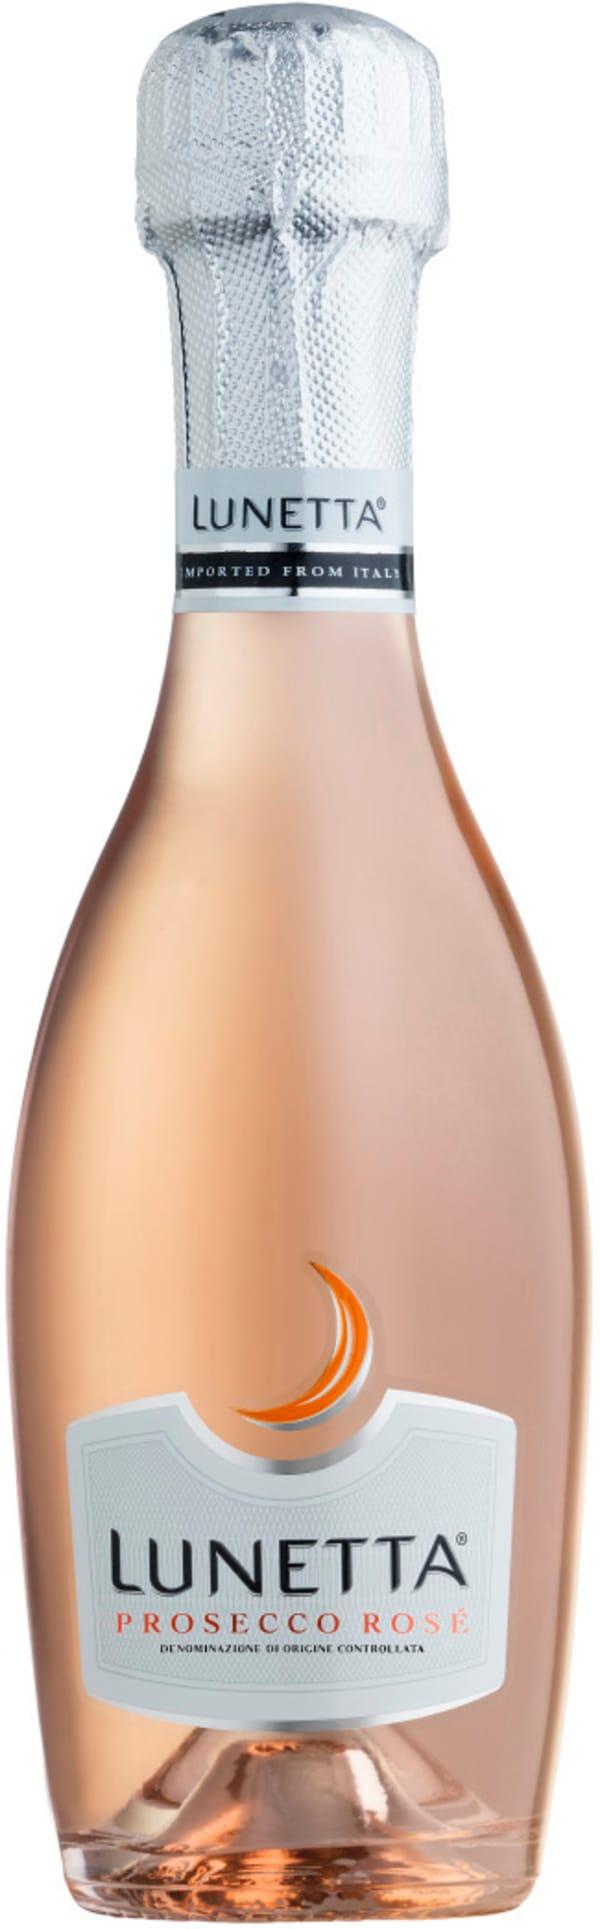 Lunetta Millesimato Prosecco Rosé Extra Dry 2019